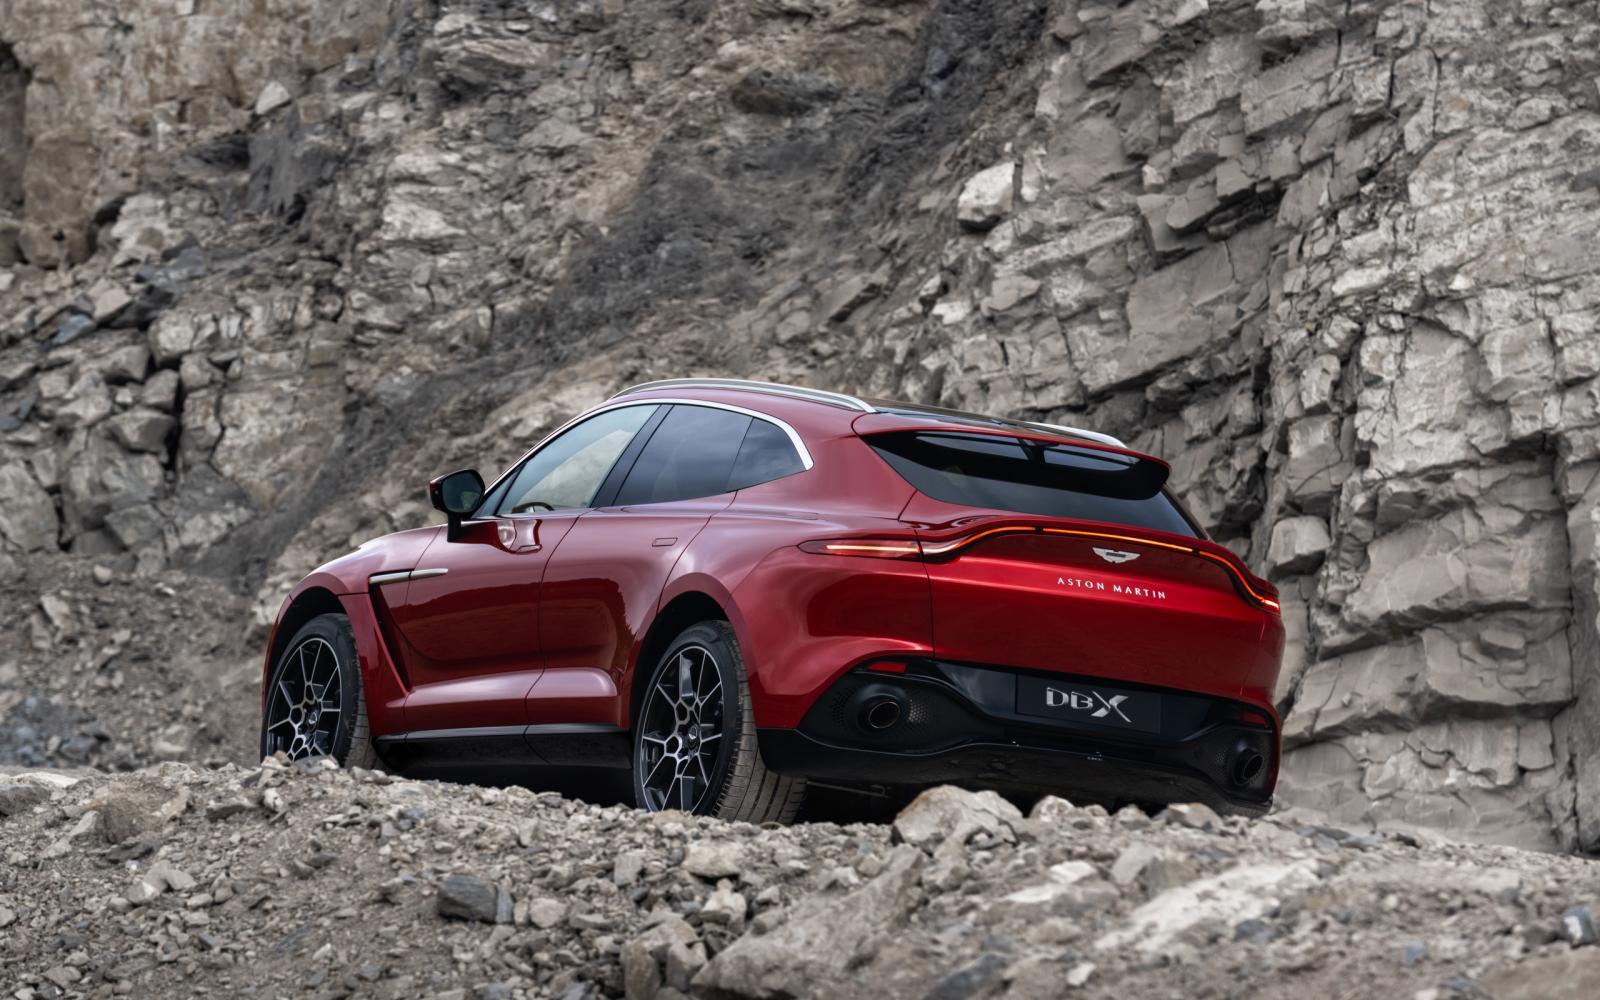 Dit is waarom de Aston Martin DBX zo belangrijk is